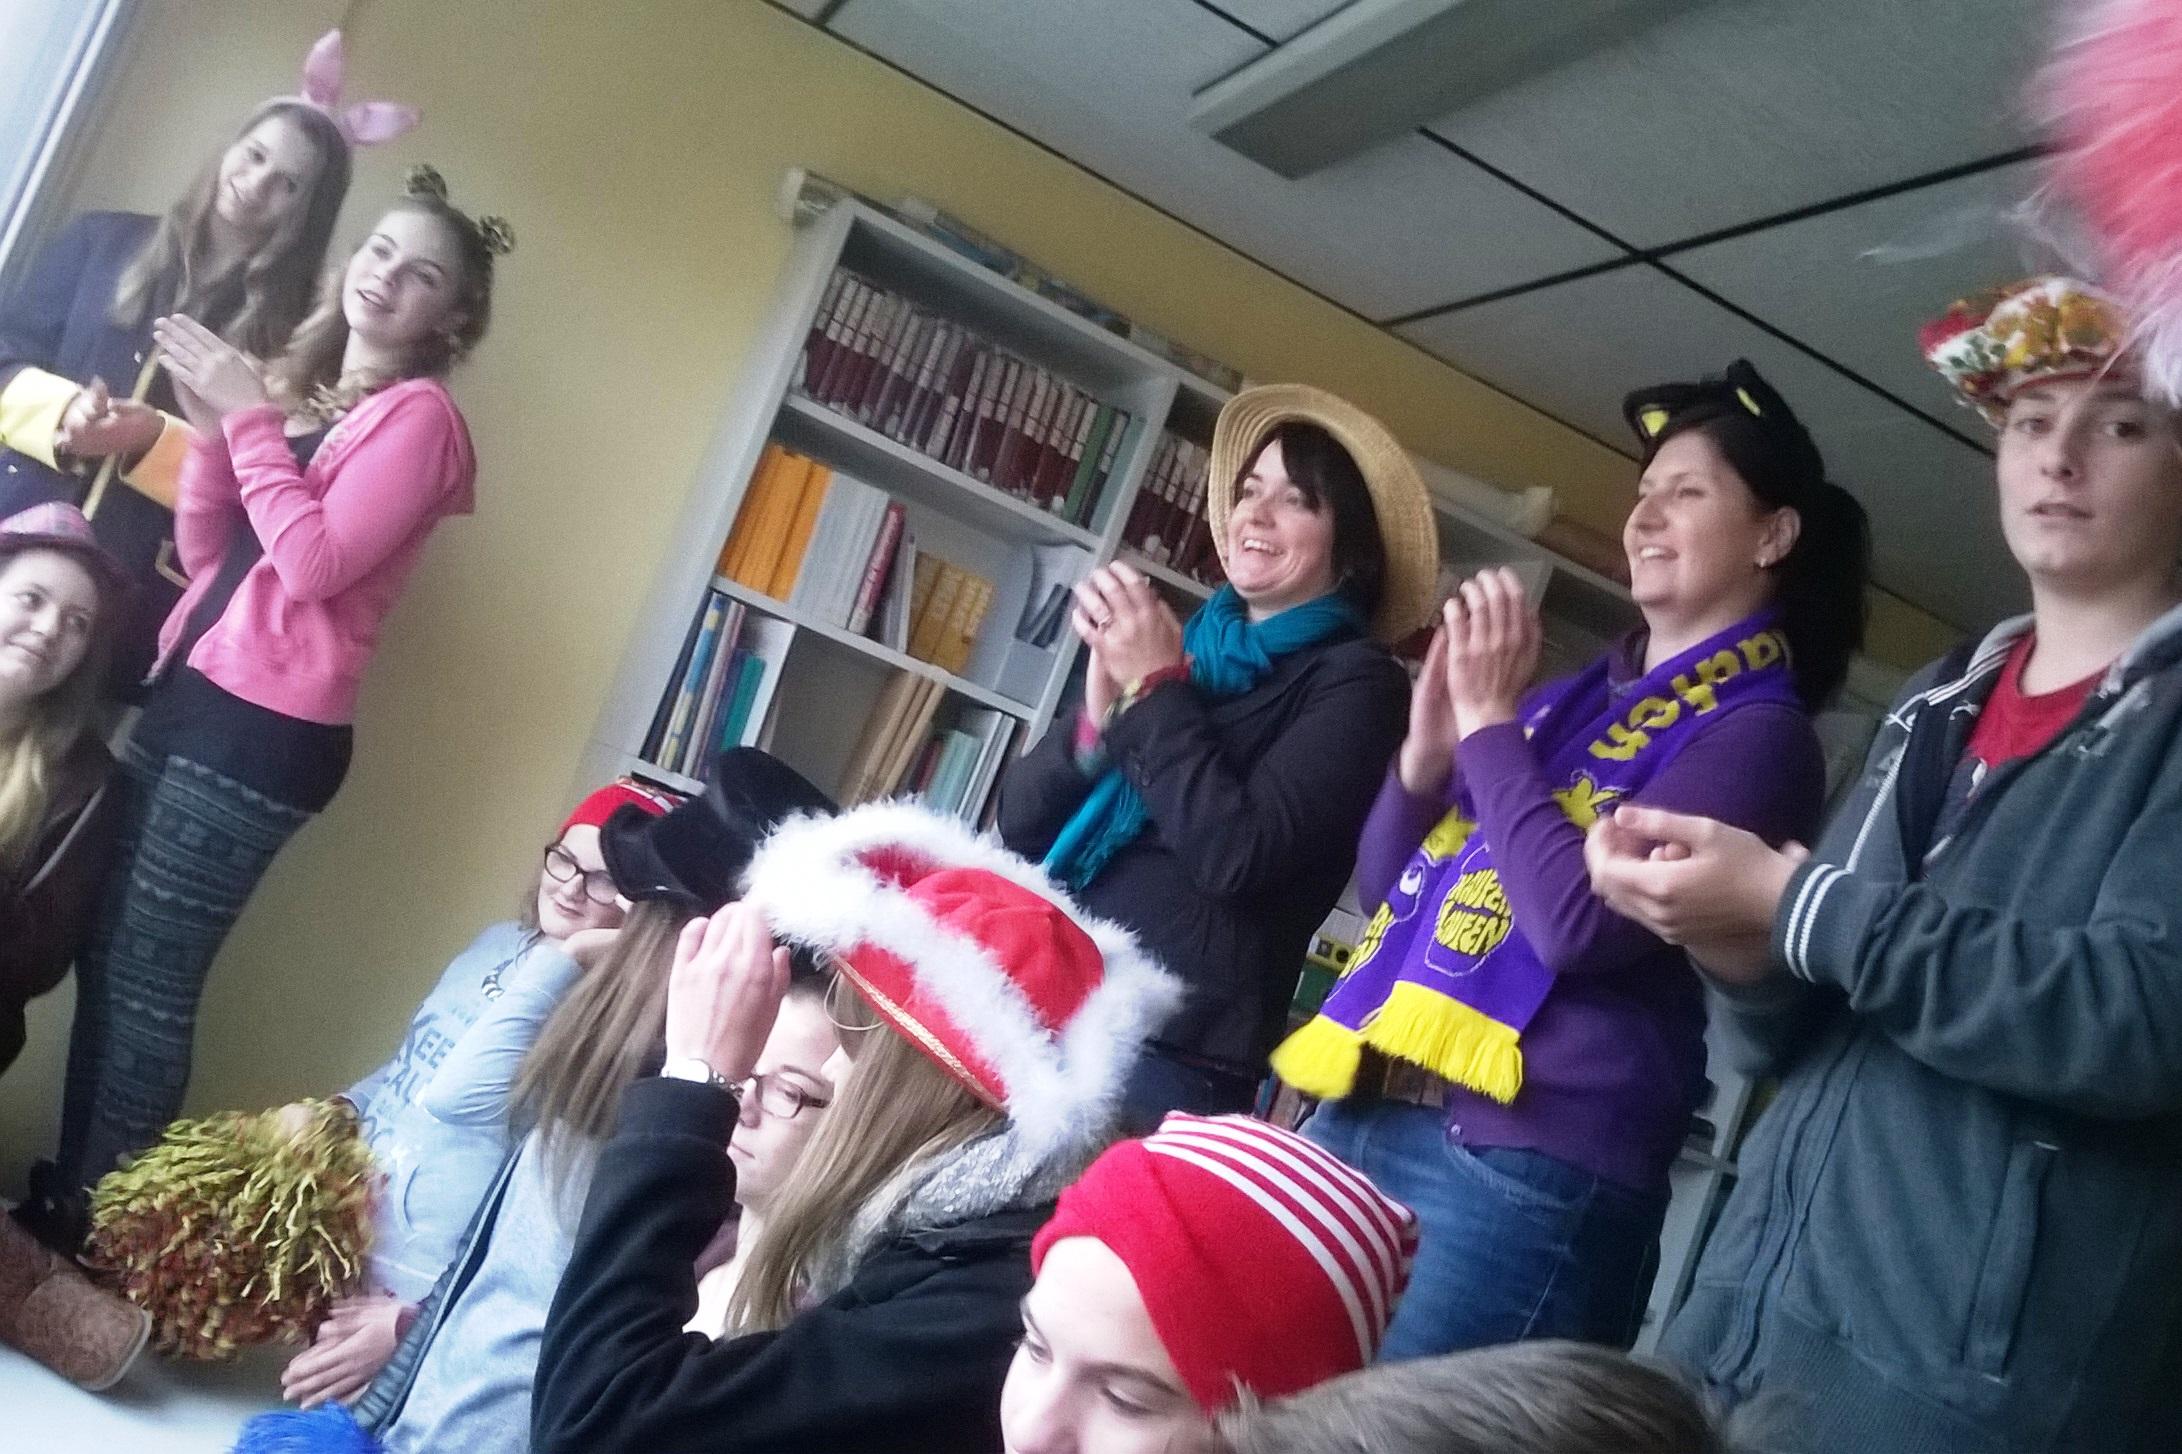 AG-GuGy-Alaaf-eröffnet-Karnevalssession-2014-Teilnehmer-und-Unterstützer-für-Sitzung-und-Zug-gesucht